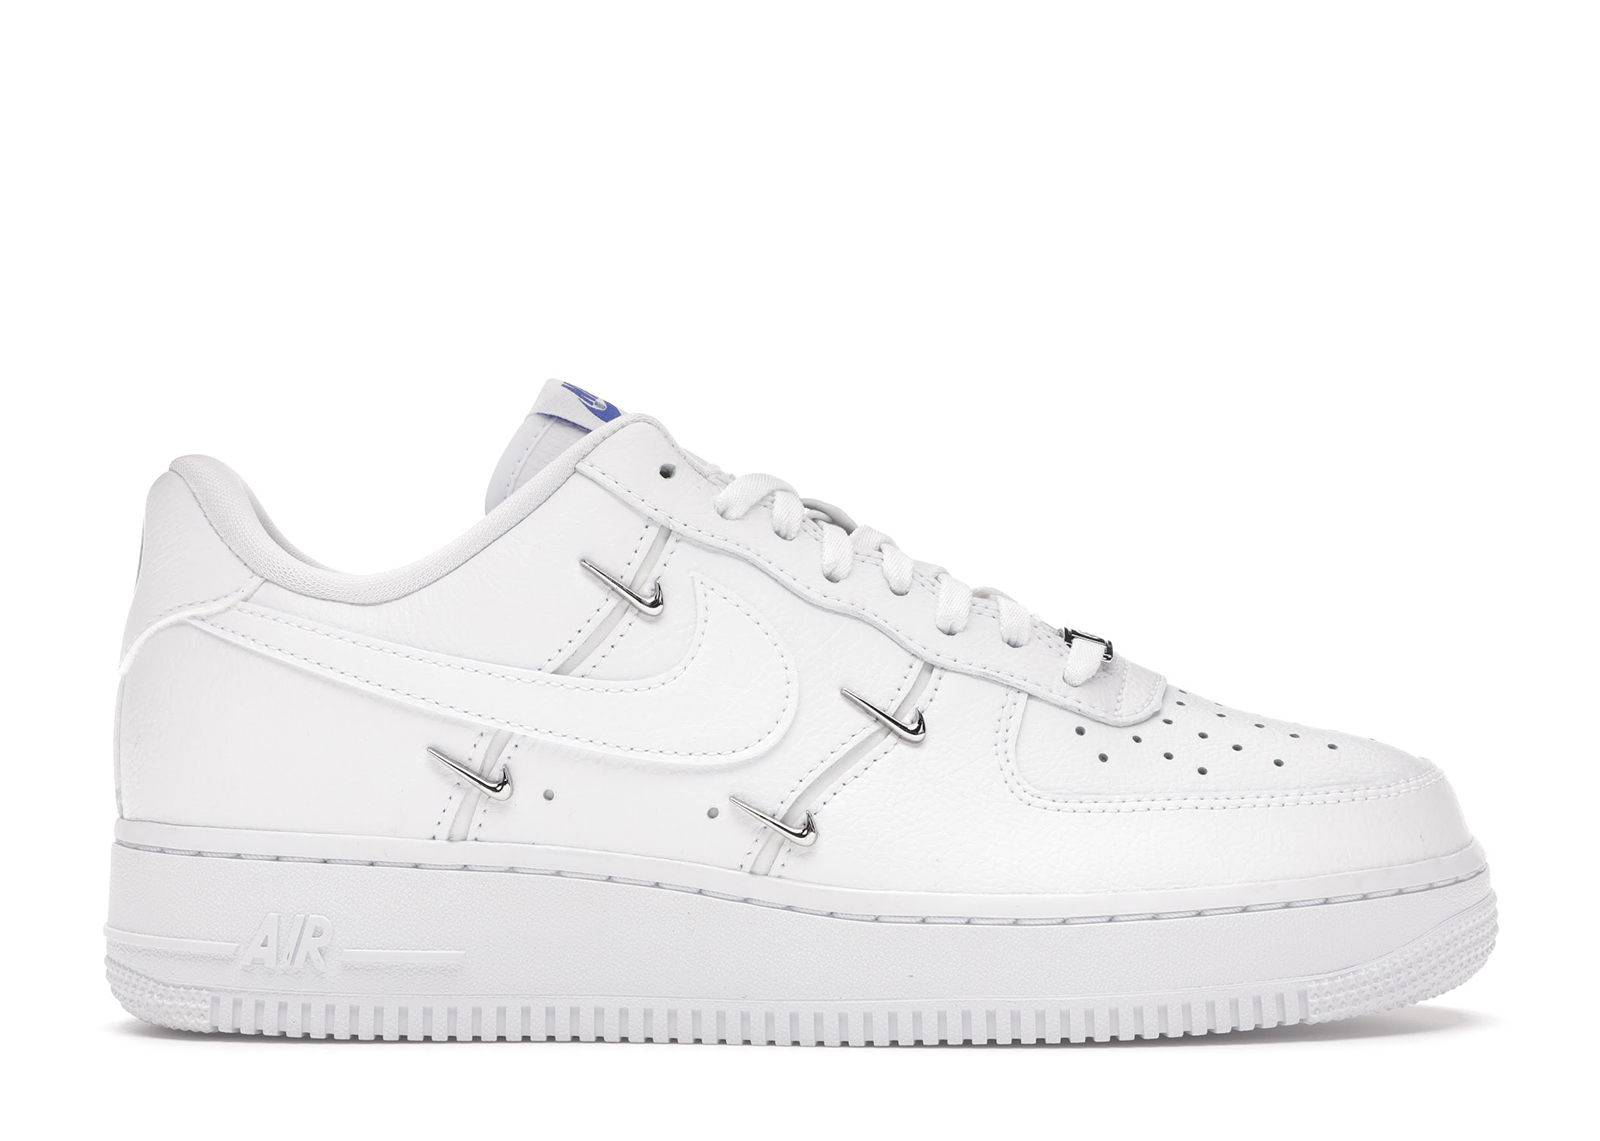 Nike Air Force 1 LX White (W)